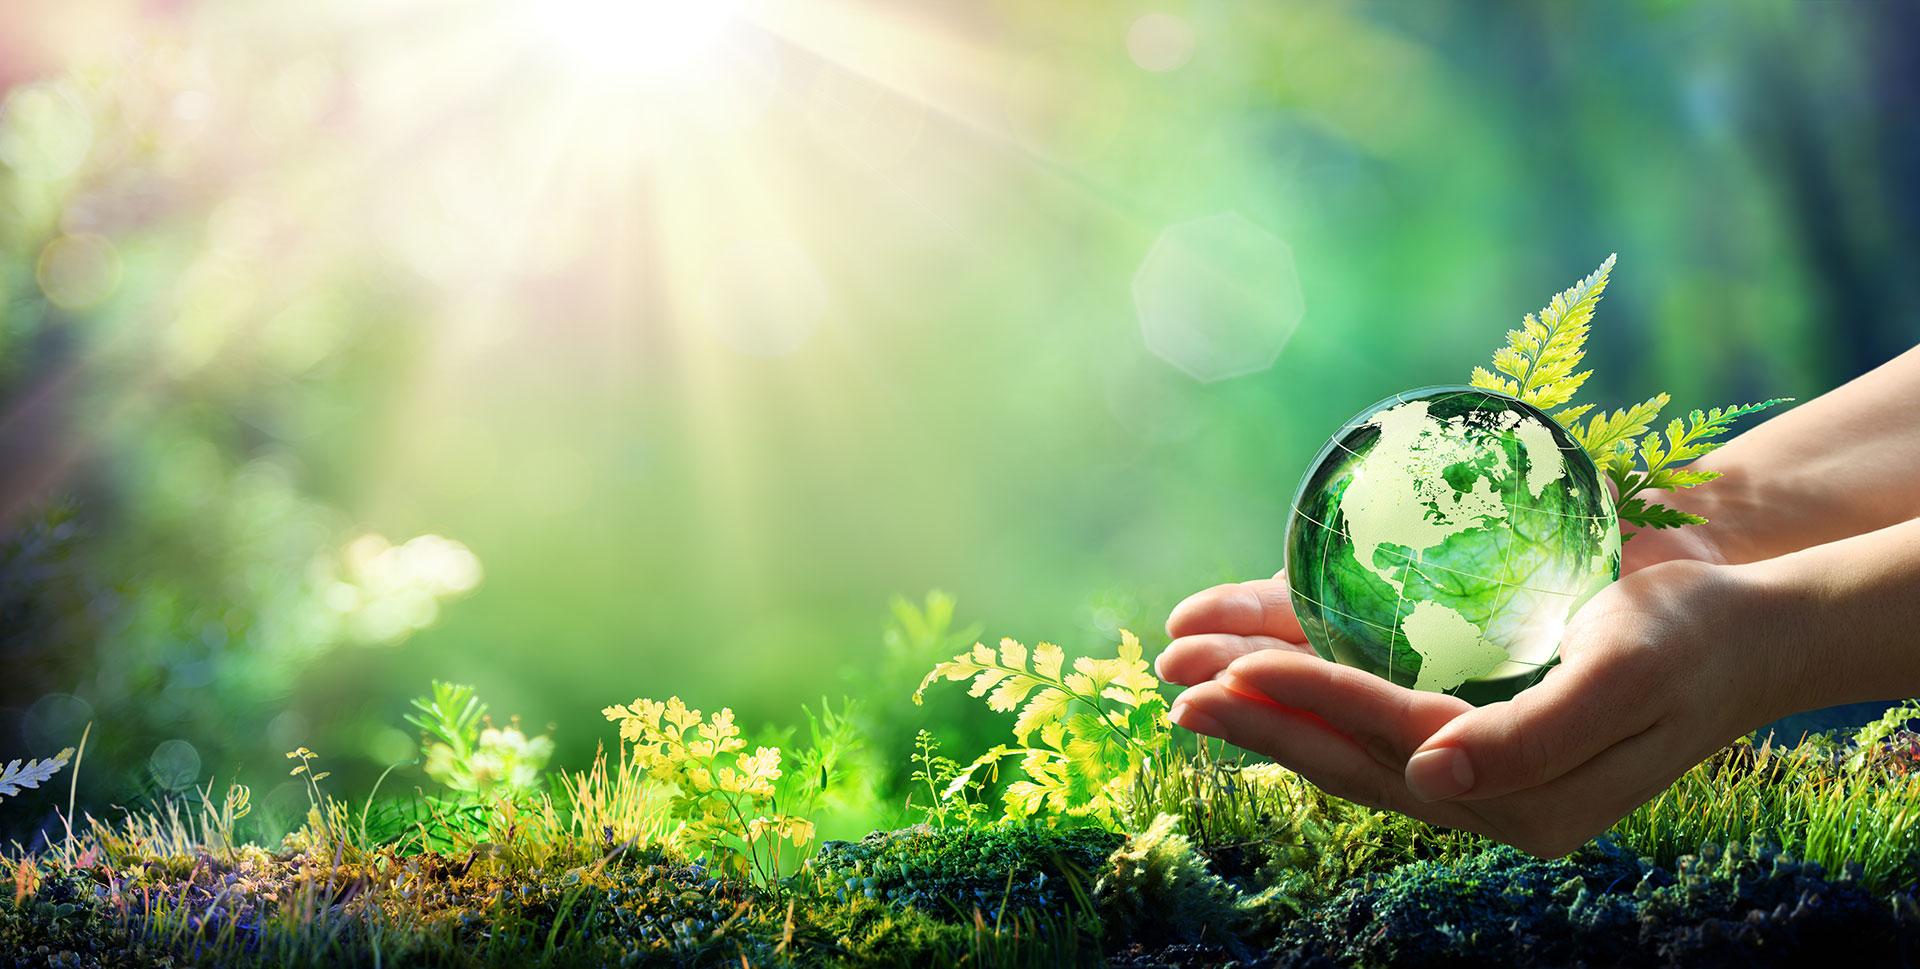 1º Aniversário da BUSINESS as NATURE – Desafios da Sustentabilidade Pós COVID-19